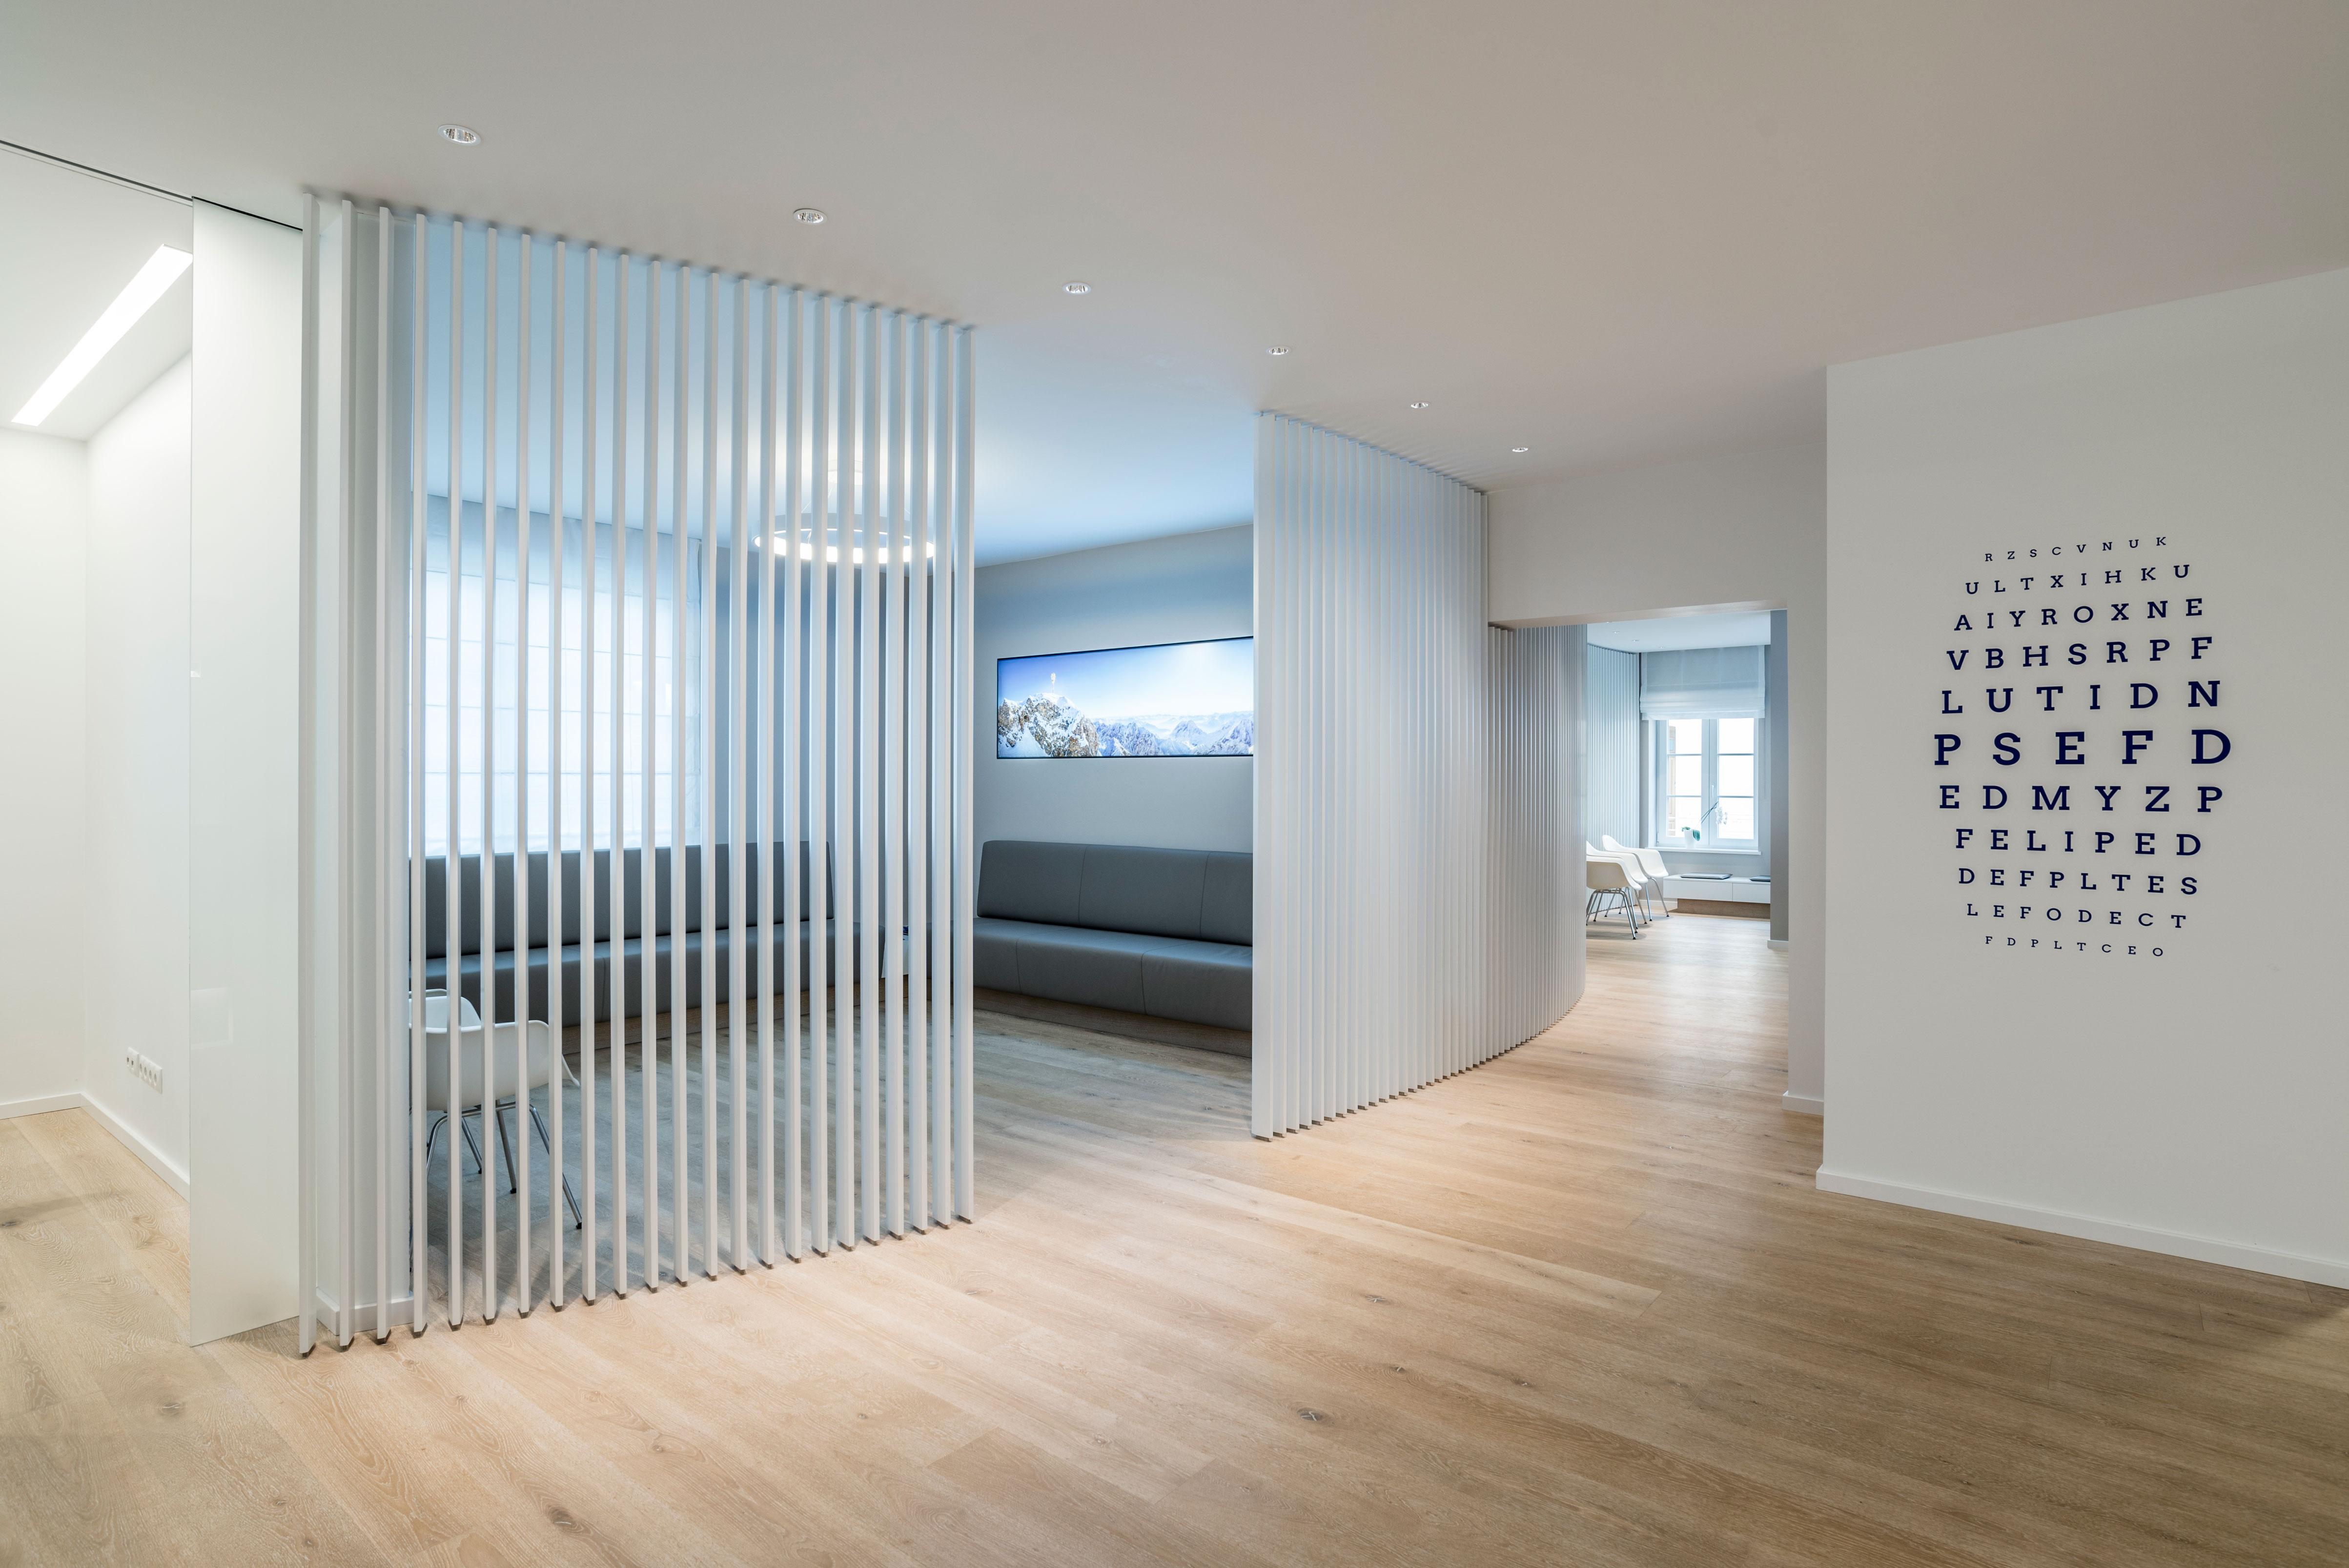 smile eyes muenchenarchitektur. Black Bedroom Furniture Sets. Home Design Ideas